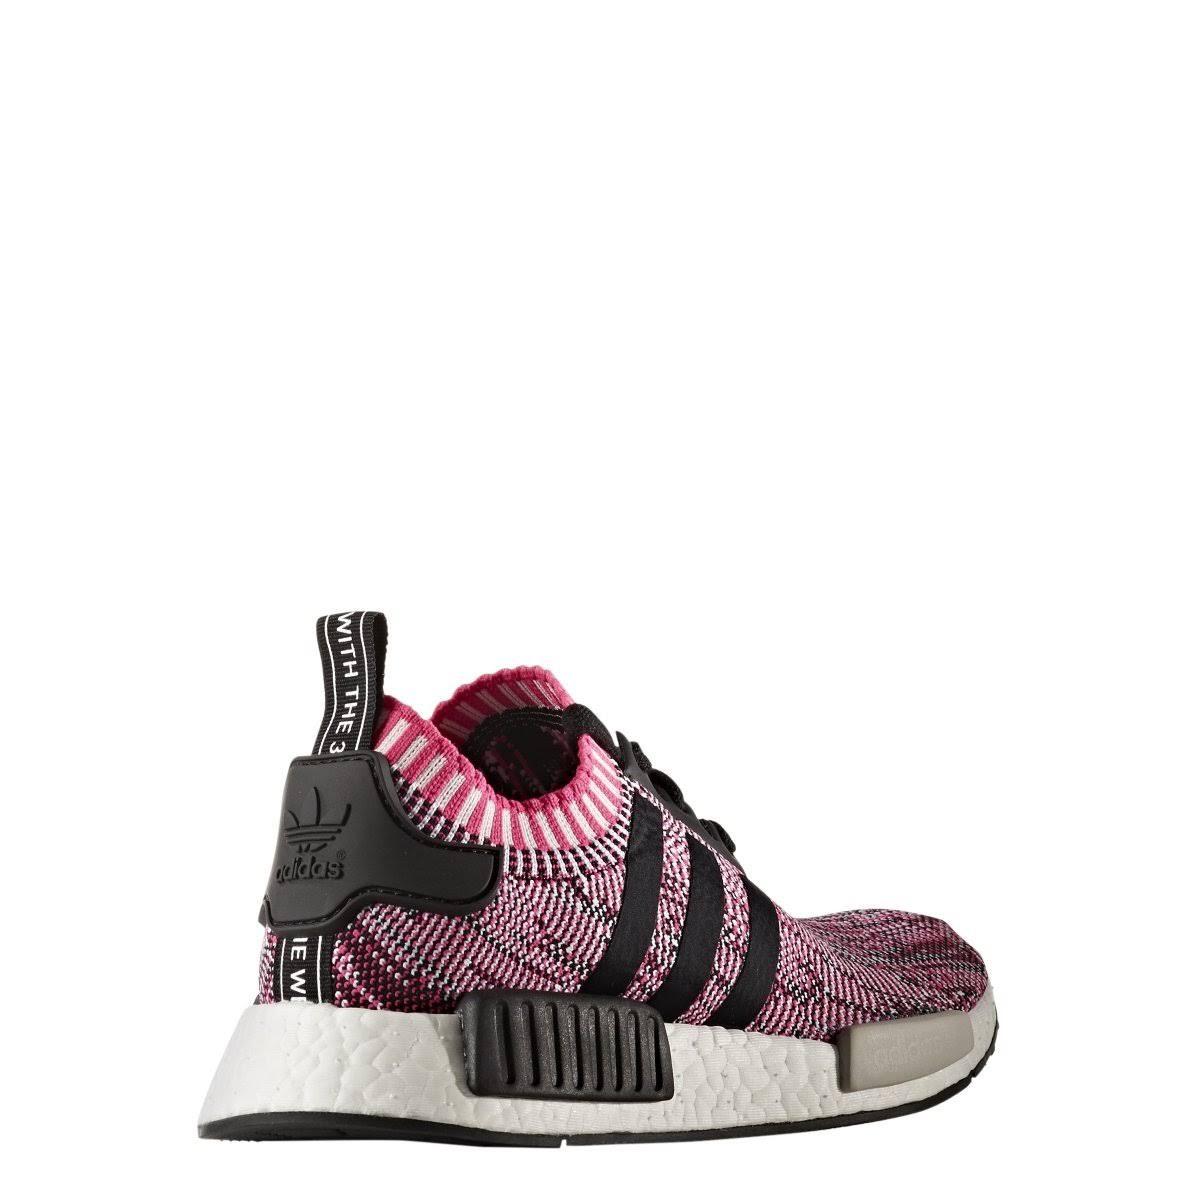 5 R1 Zapatos Bb2363 Primeknit Mujer Originals 6 Tamaño De Nmd Adidas qEwZvIn